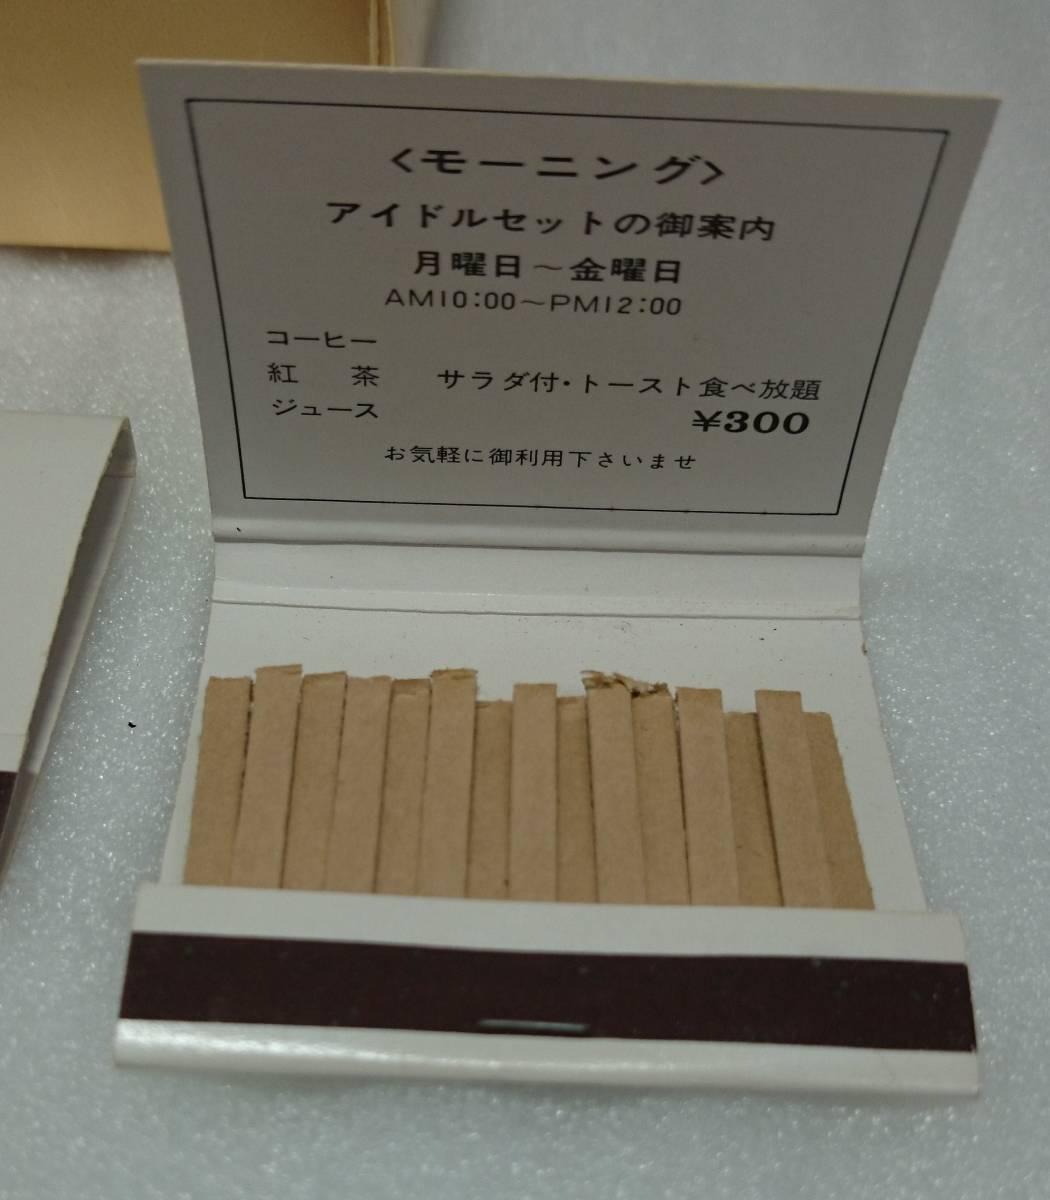 キャンディーズ ファンの集い?椿山荘フルーツケーキ空箱 と アイドルハウスのマッチ3個_画像9